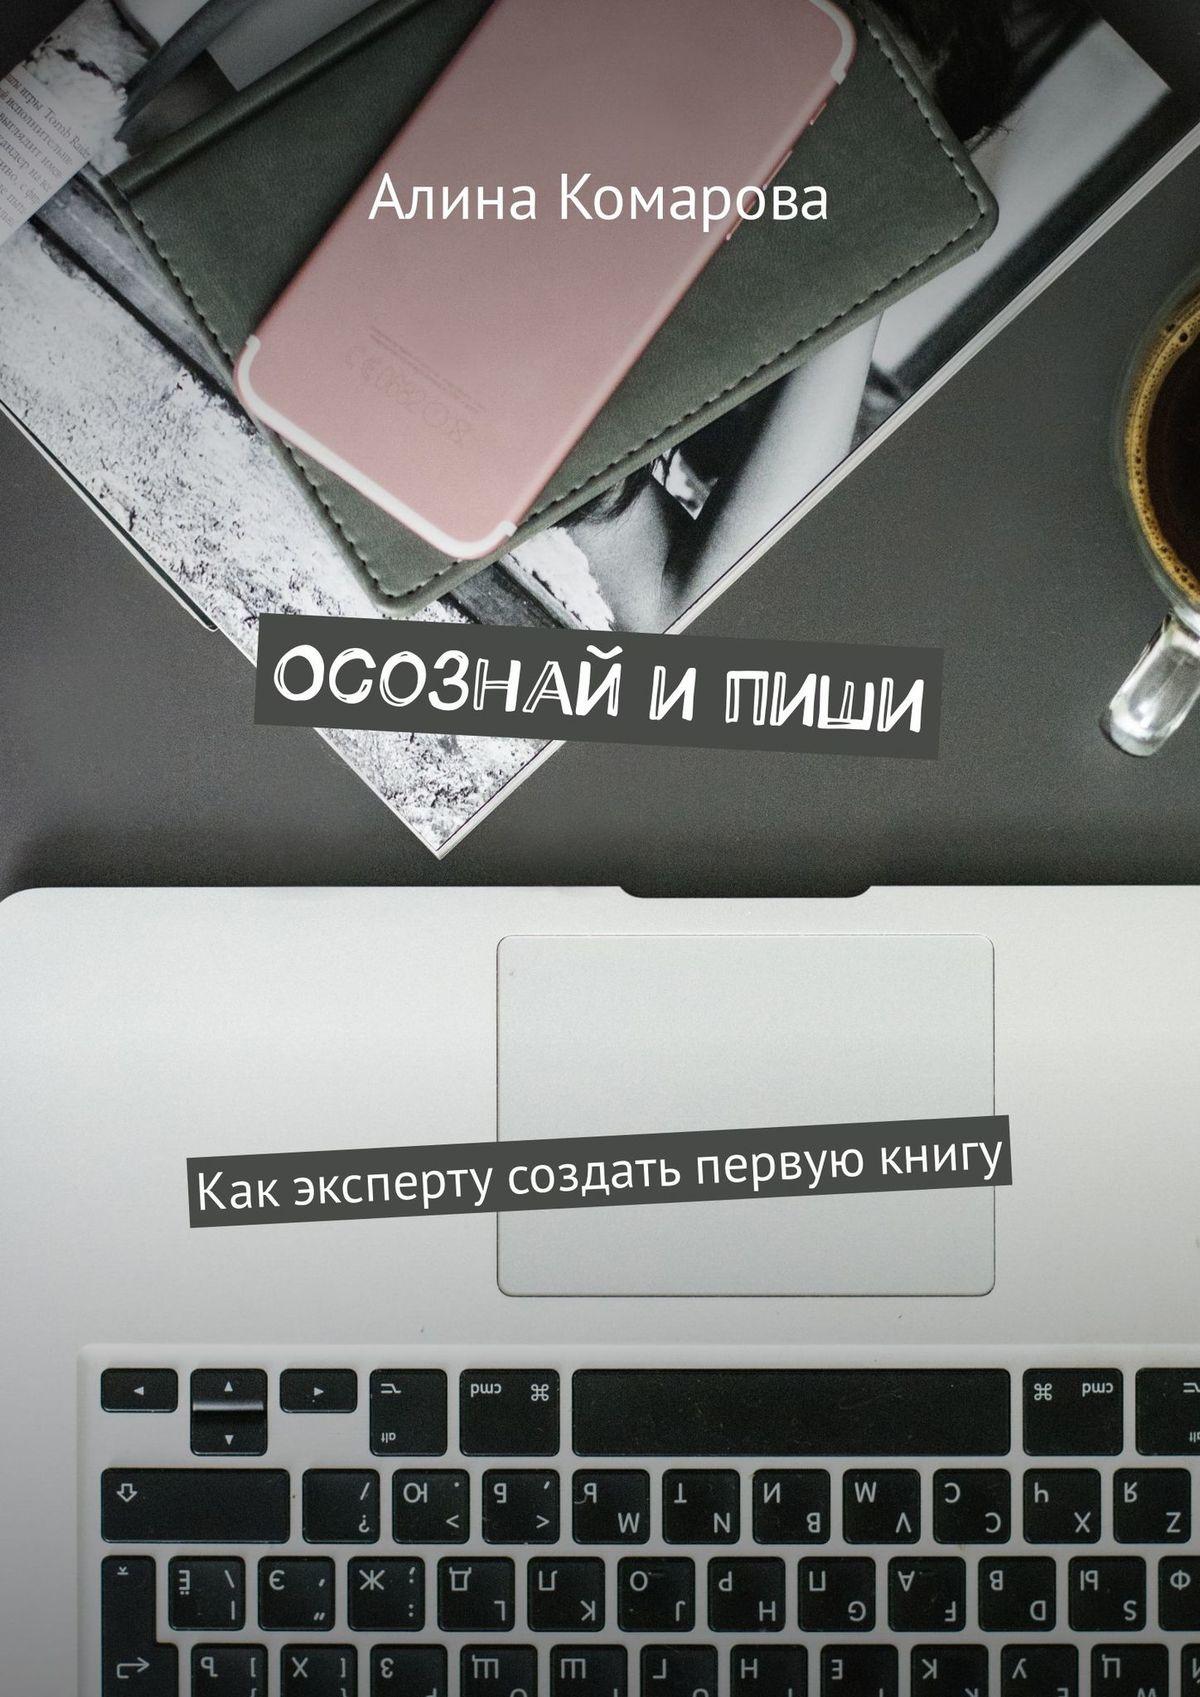 Алина Комарова Осознай ипиши. Как эксперту создать первую книгу